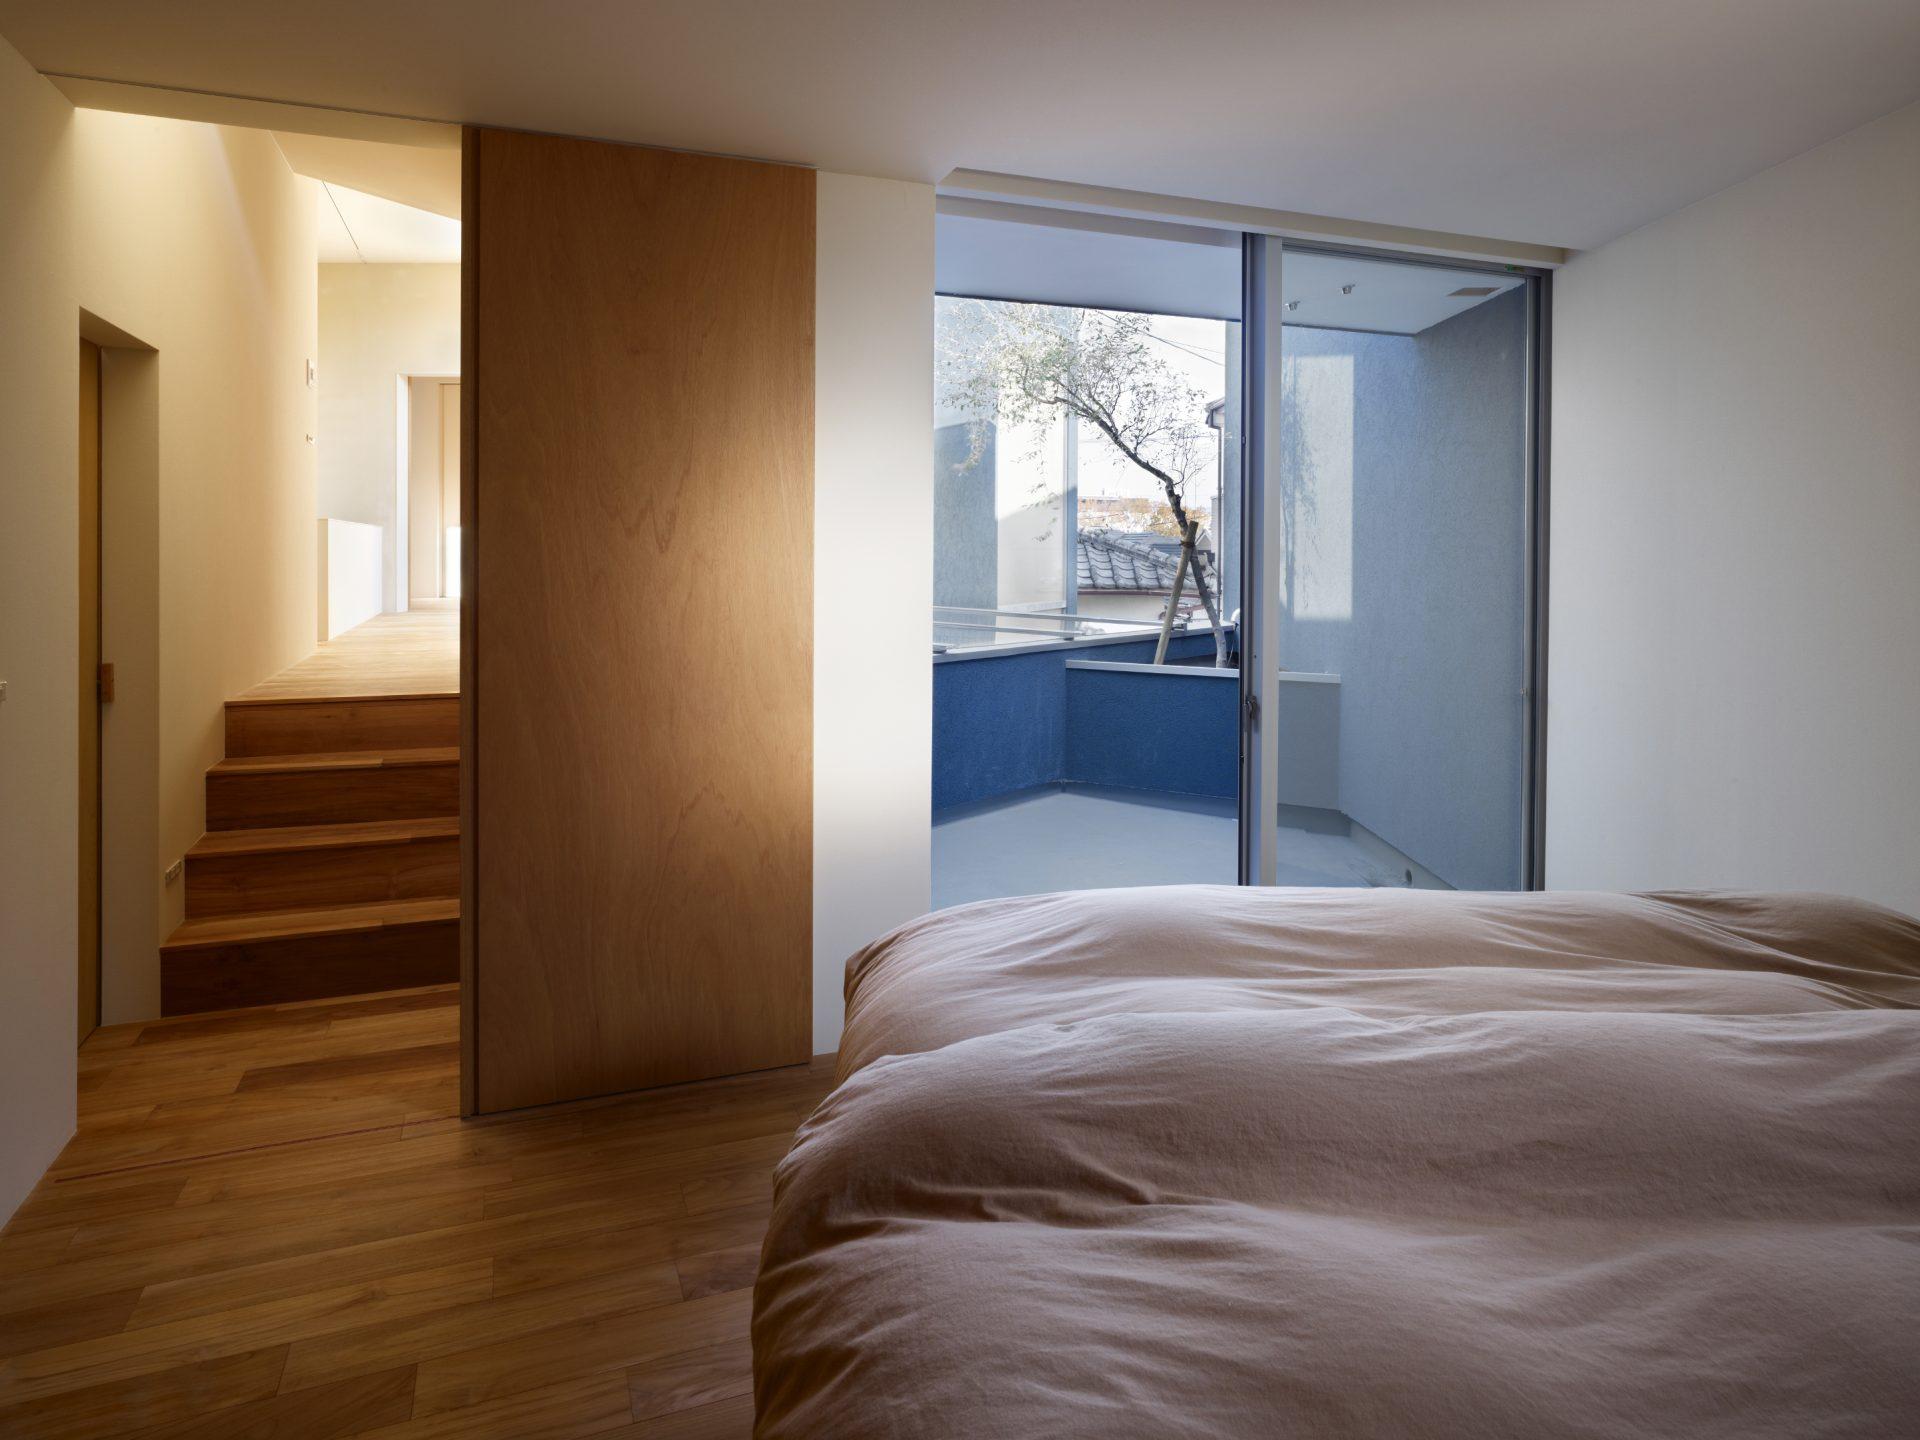 大阪上野芝の家の寝室